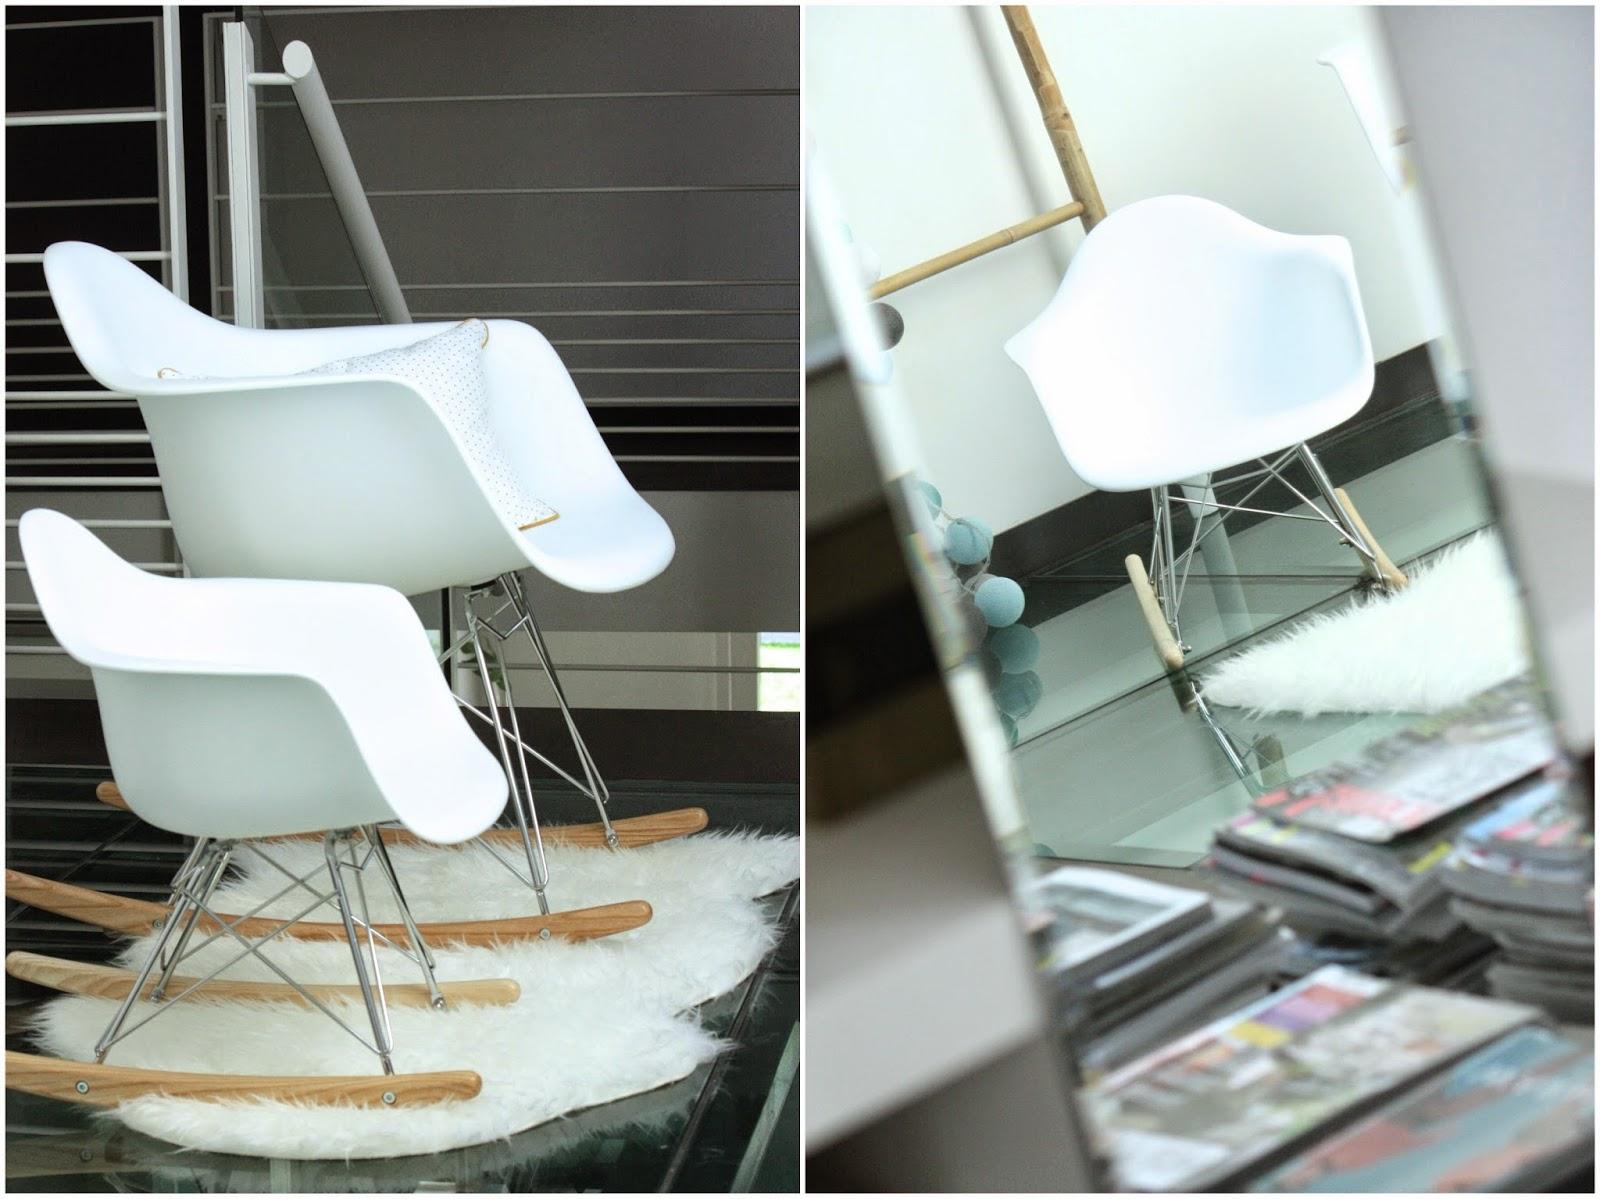 cool le fauteuil eames bascule le rar me faisait de luil. Black Bedroom Furniture Sets. Home Design Ideas